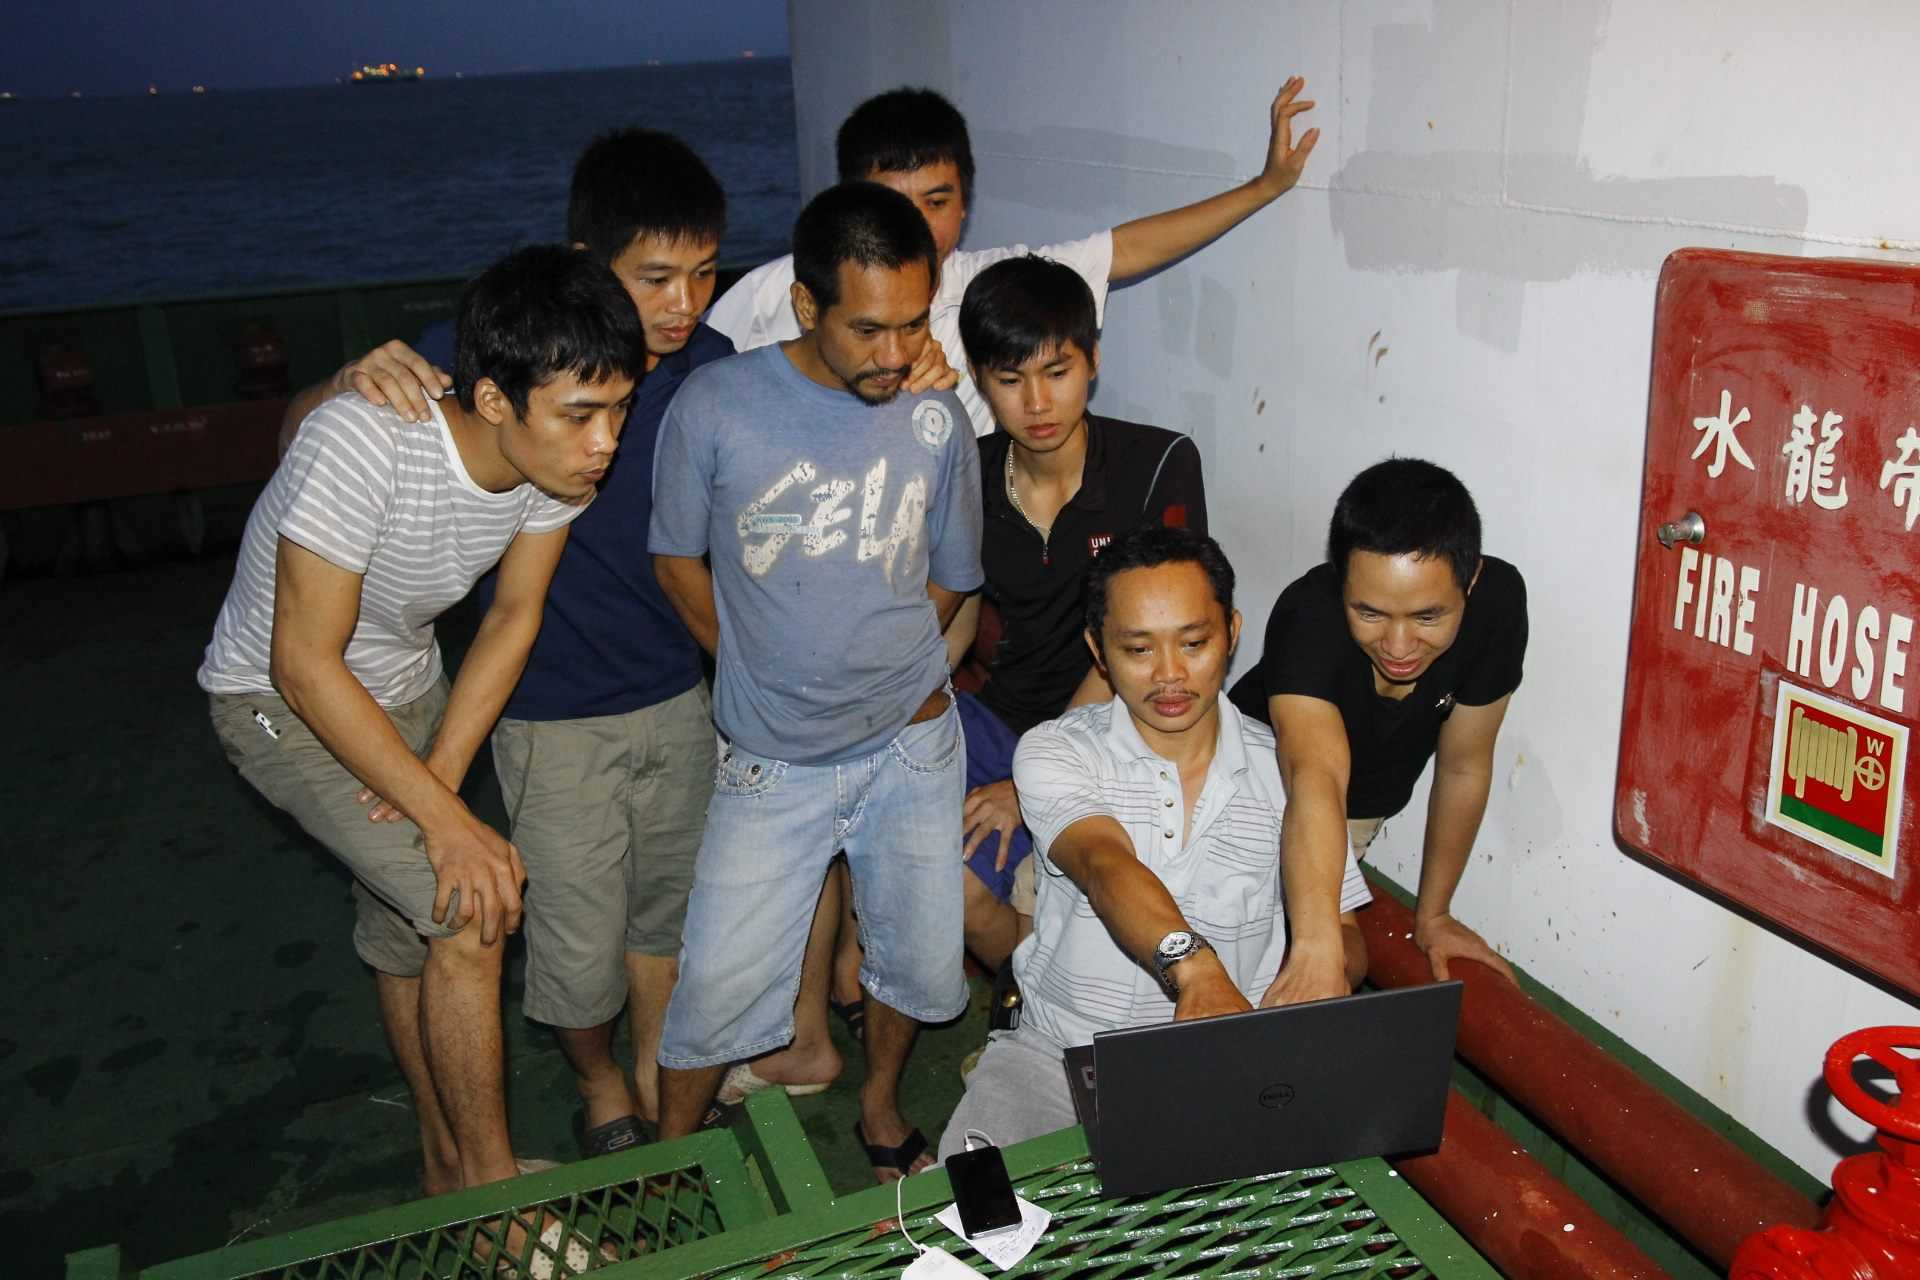 Sau nhiều ngày không được cập nhật thông tin, các thuyền viên háo hức đọc báo qua máy tính của PV VTC News